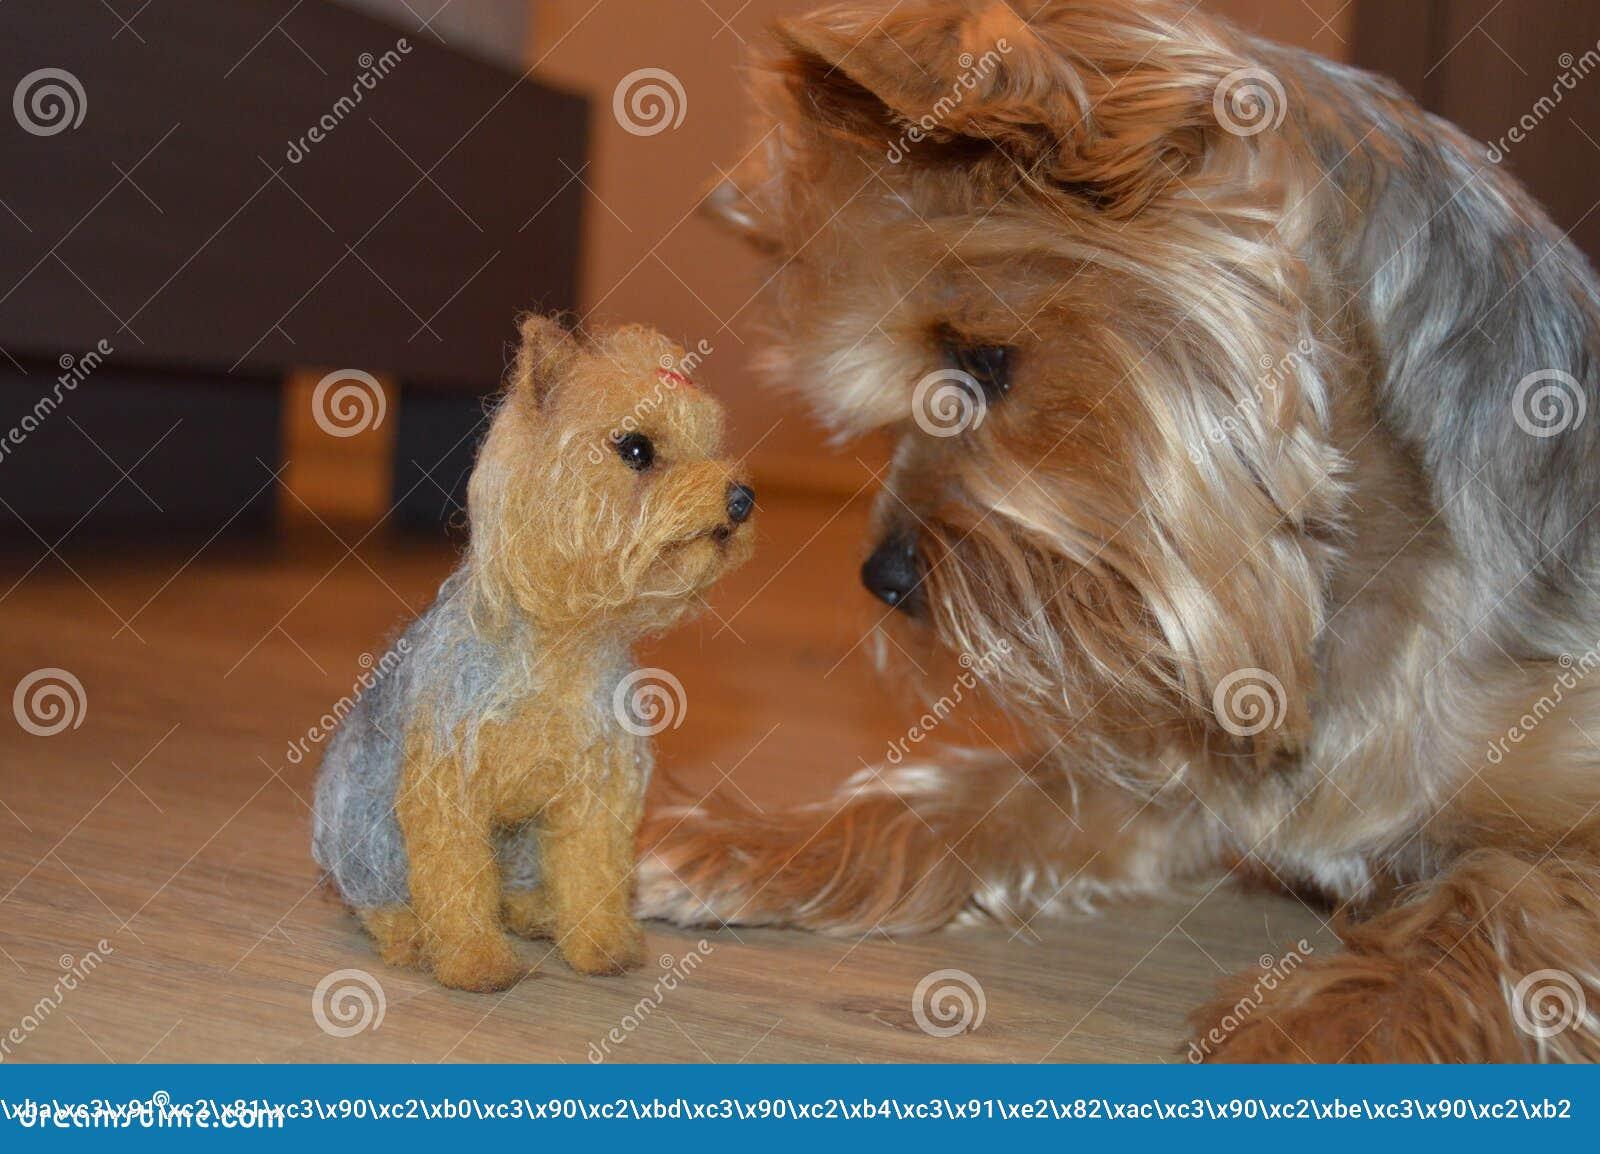 Zeer mooie foto van een echte hond en haar pop